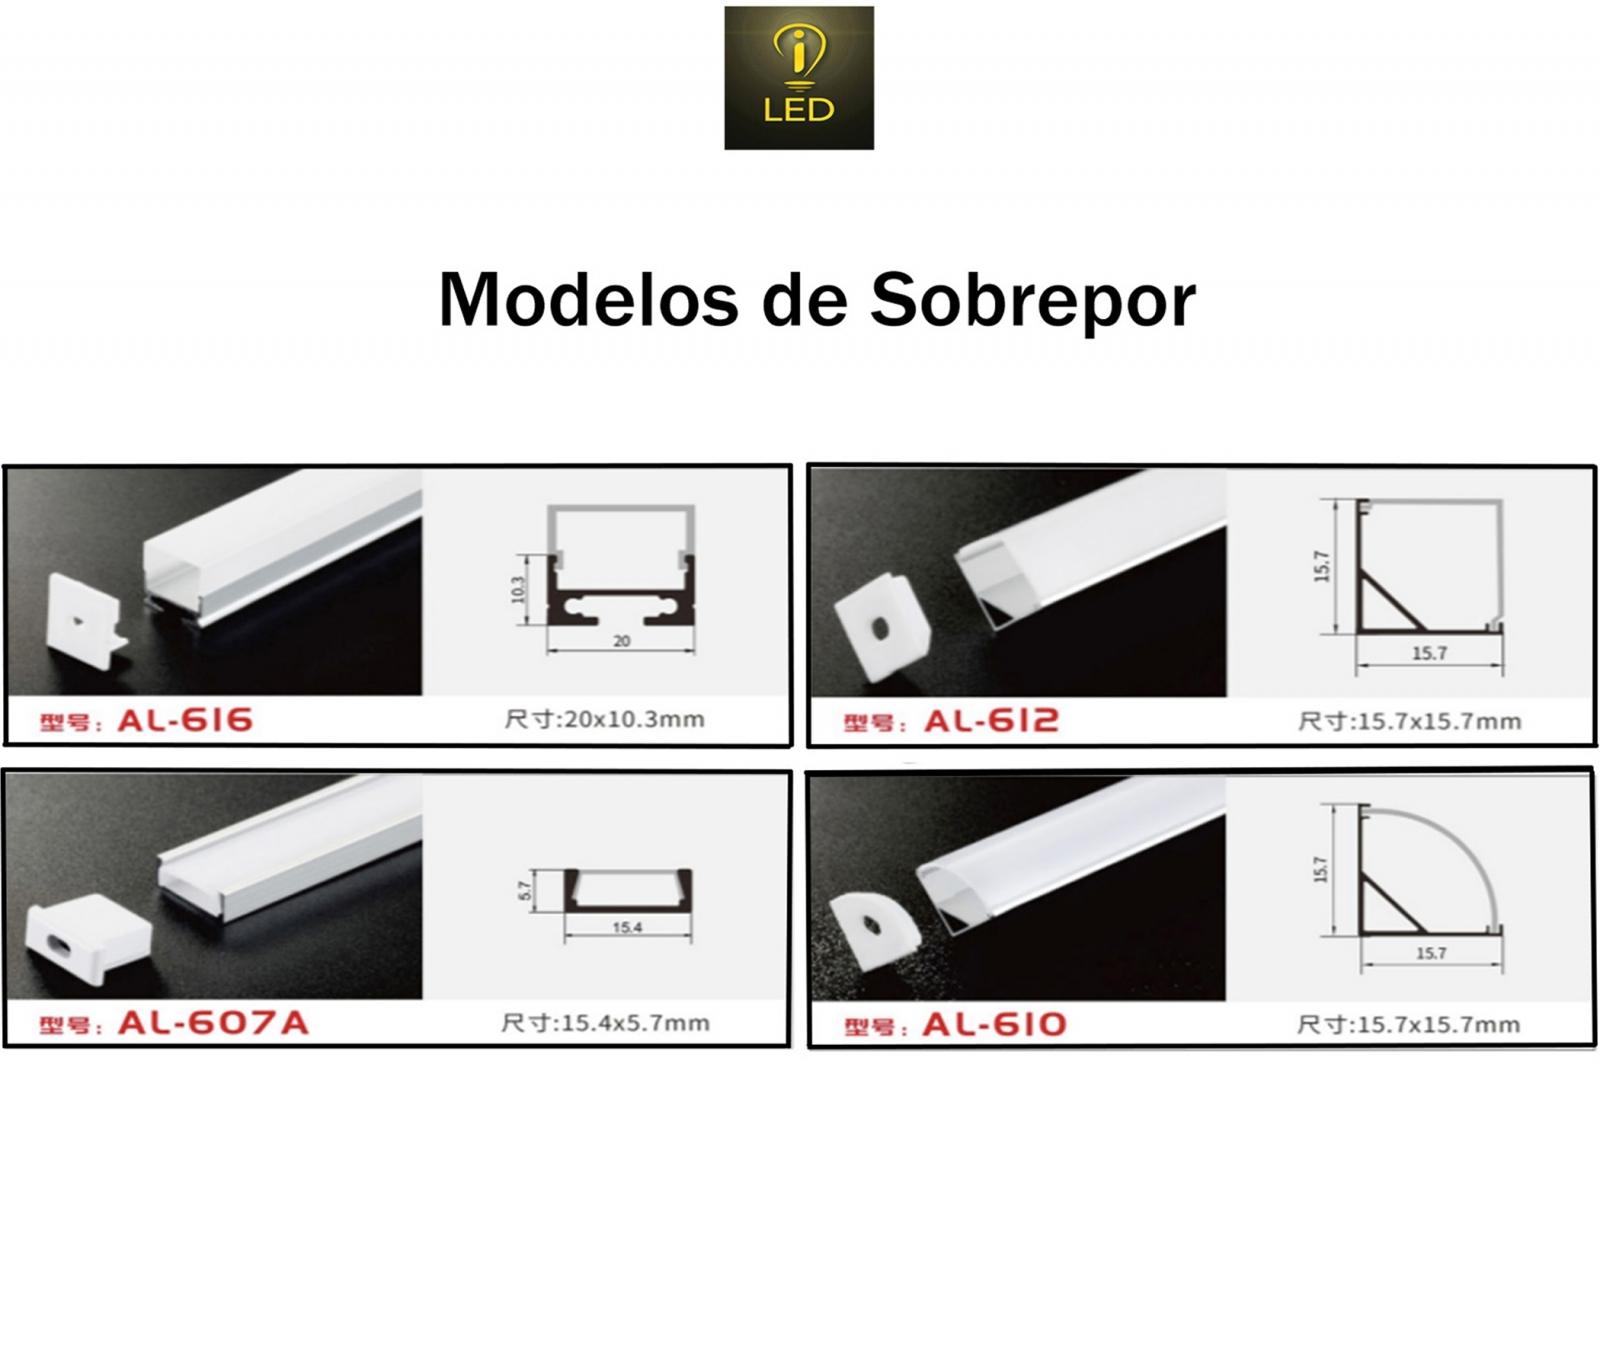 PERFIL SOBREPOR CANTO QUADRADO 15.7MM ALUMÍNIO 2 METROS DIVERSAS CORES AL-612 - i9 LED